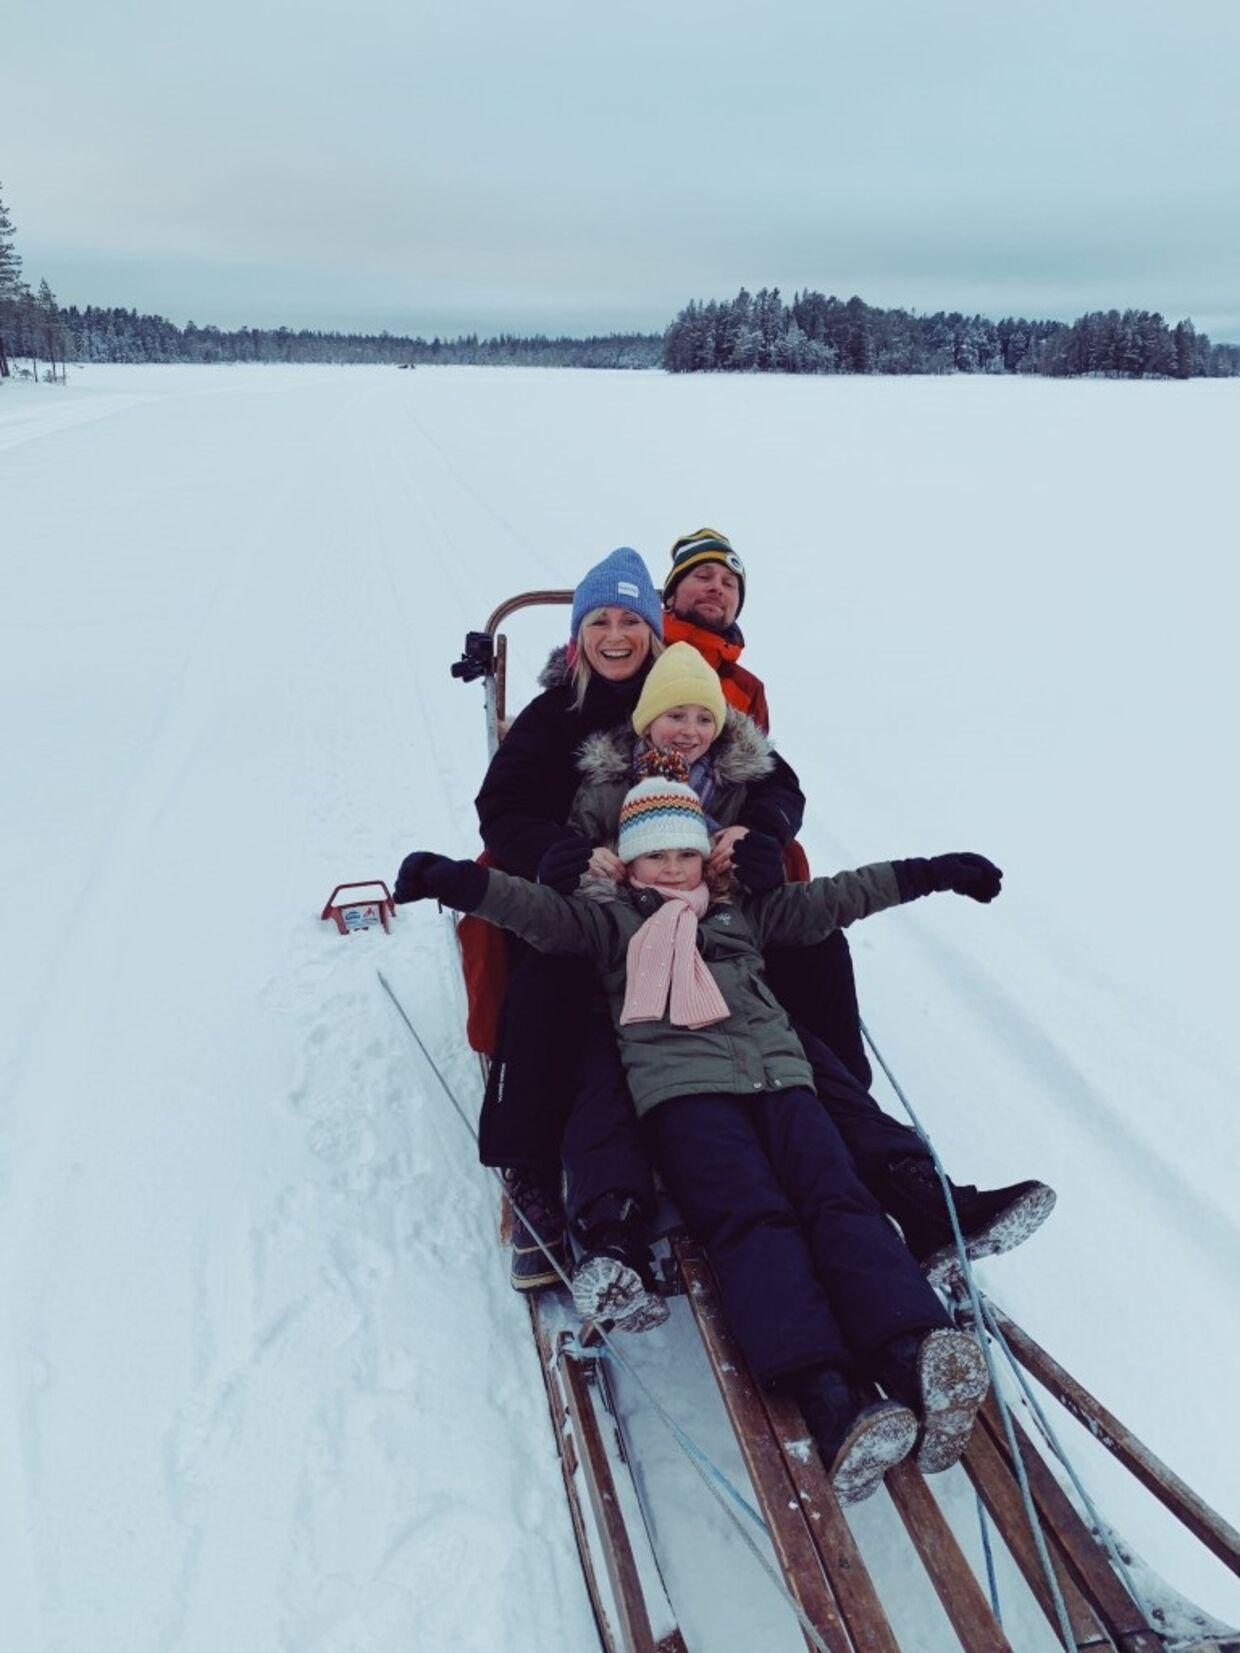 Hele familien nyder godt af samarbejdet med Visit Sweden. I juni venter nye oplevelser i Sverige.